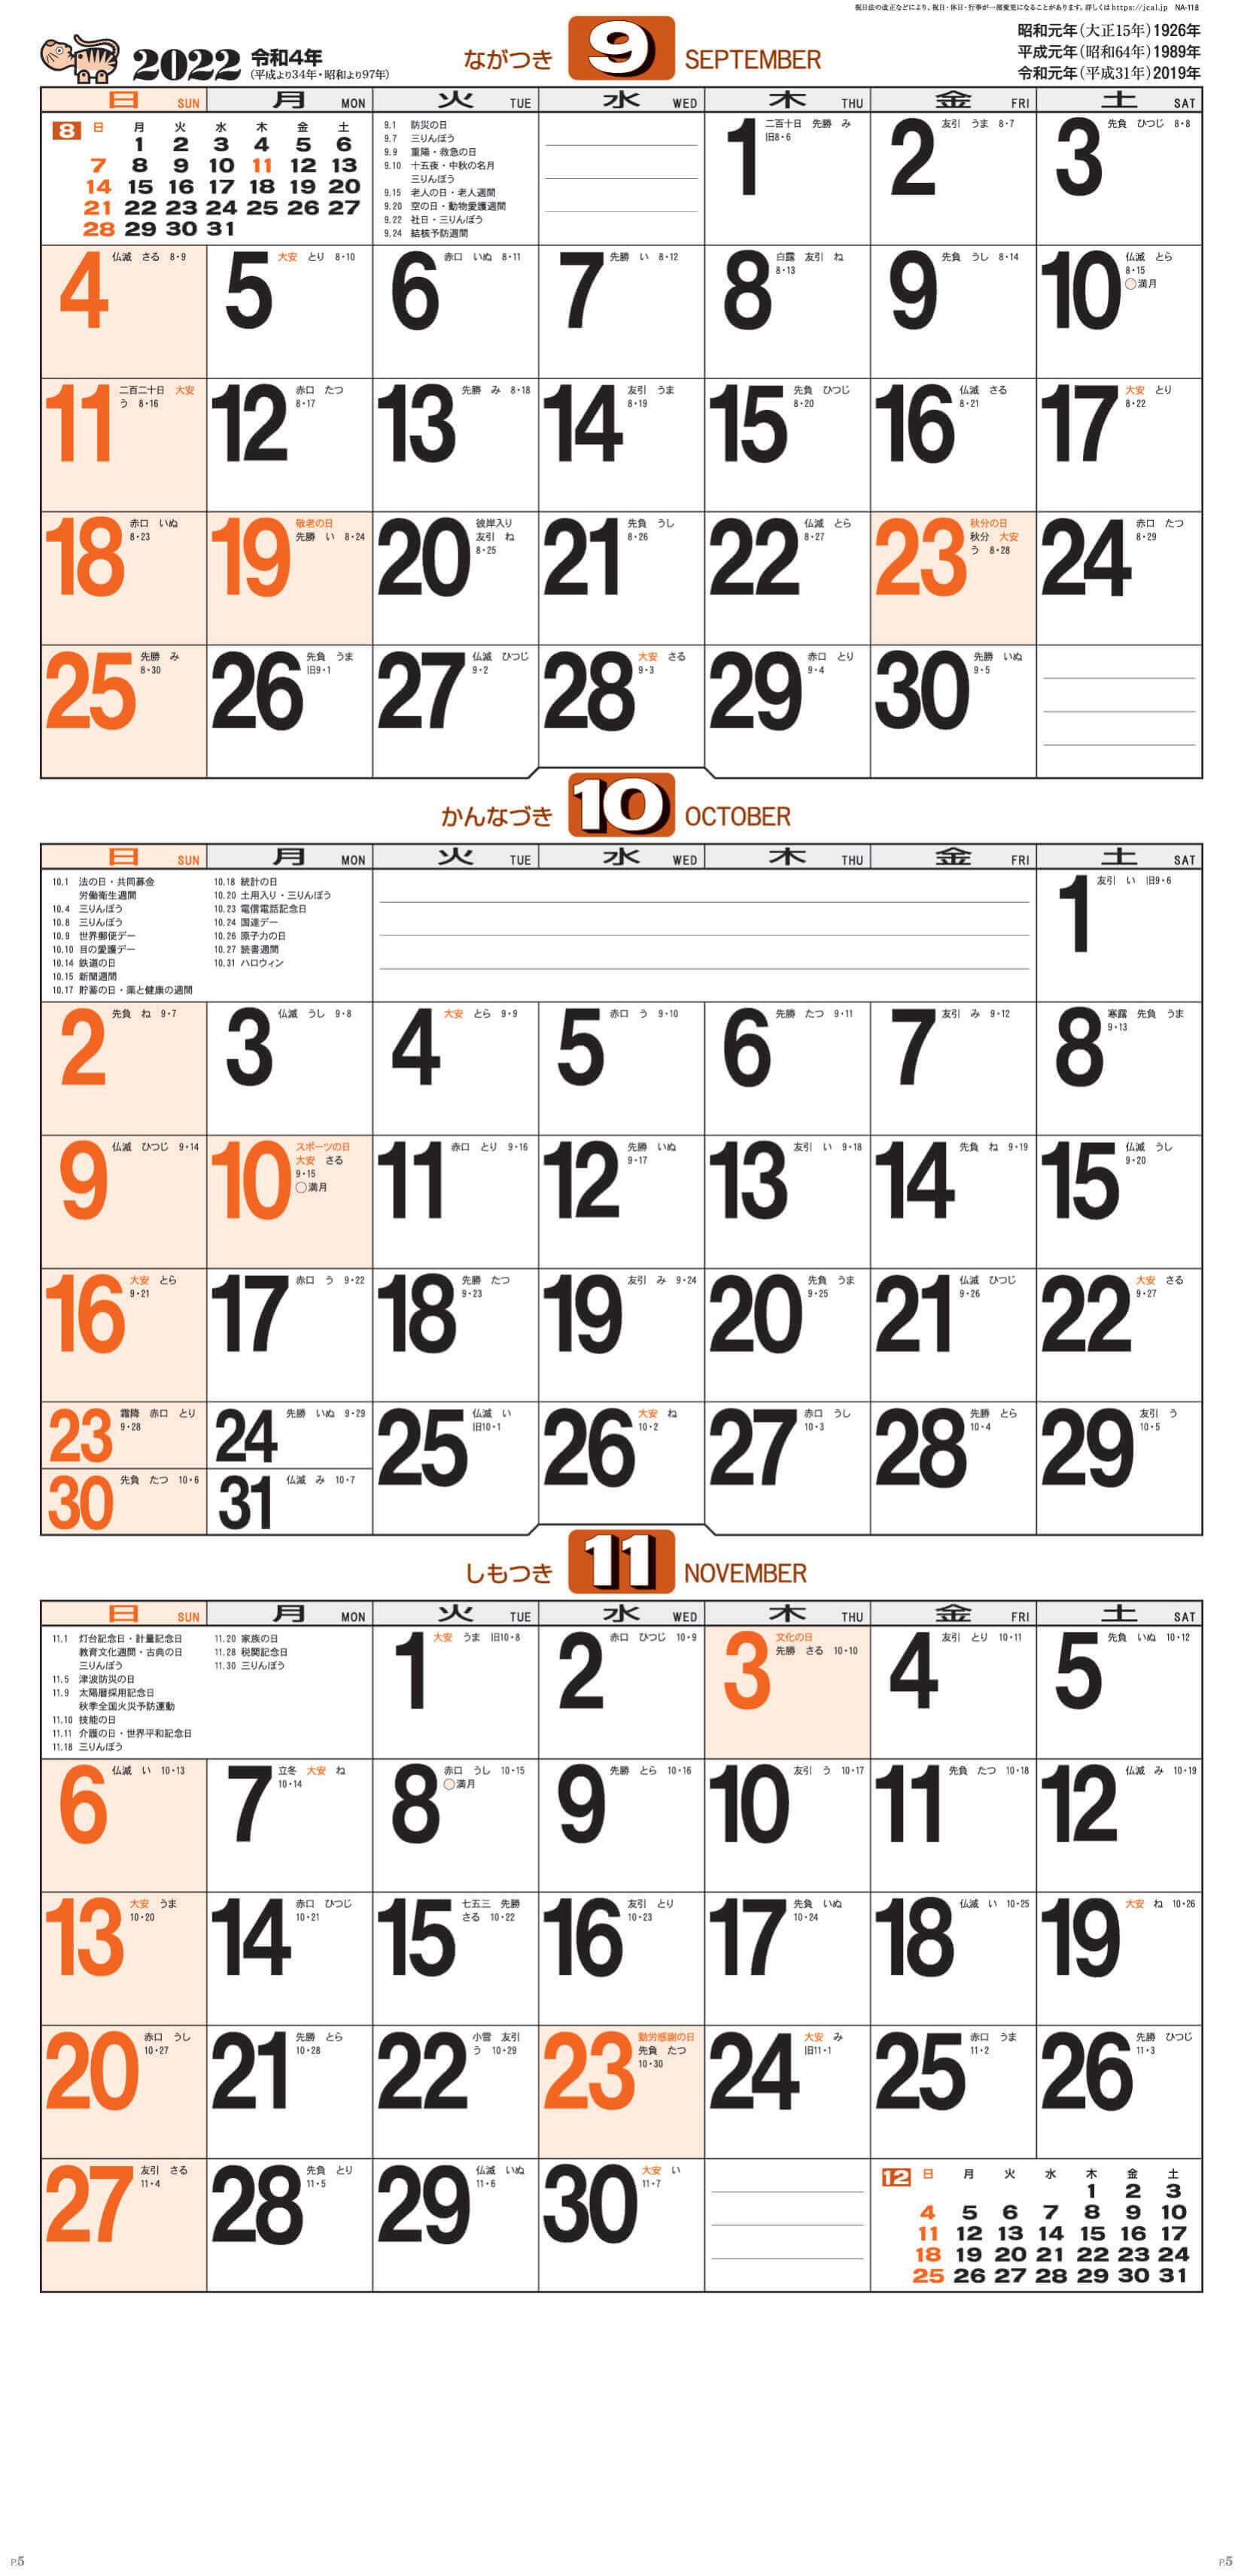 スケジュールカレンダー 2022年カレンダーの画像